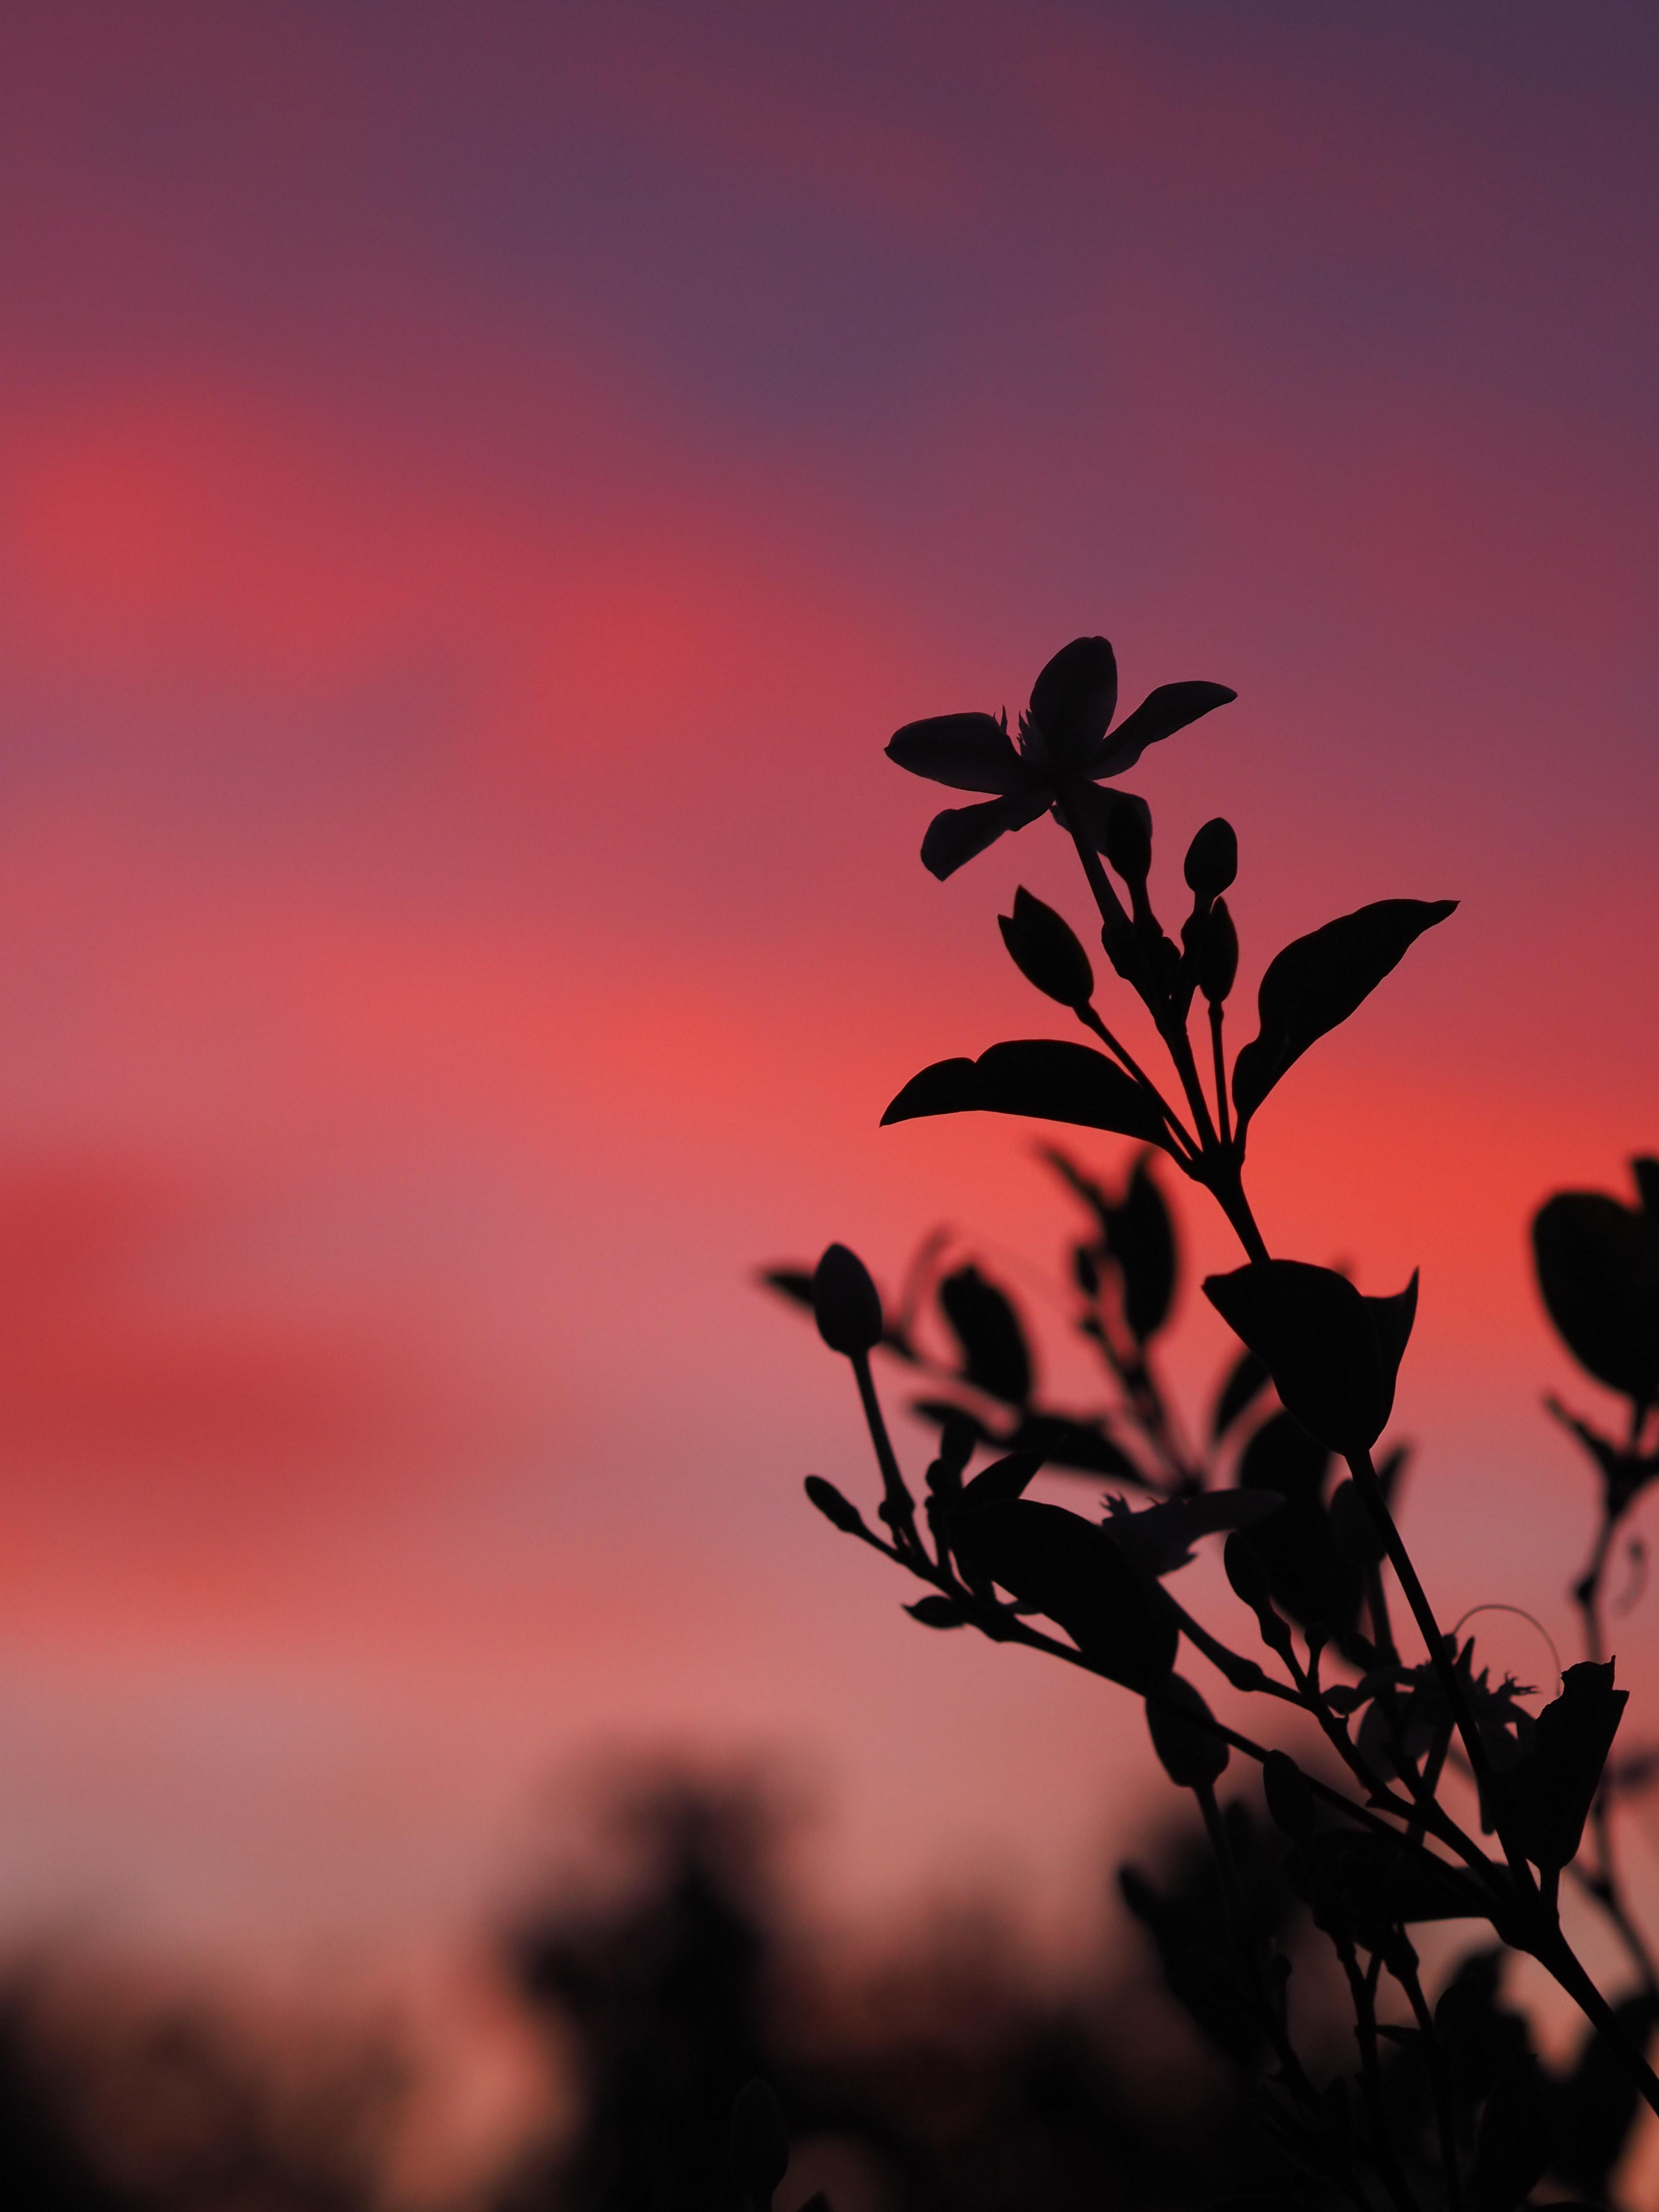 146583 скачать обои Темные, Растение, Листья, Ветка, Силуэт, Закат, Темный - заставки и картинки бесплатно